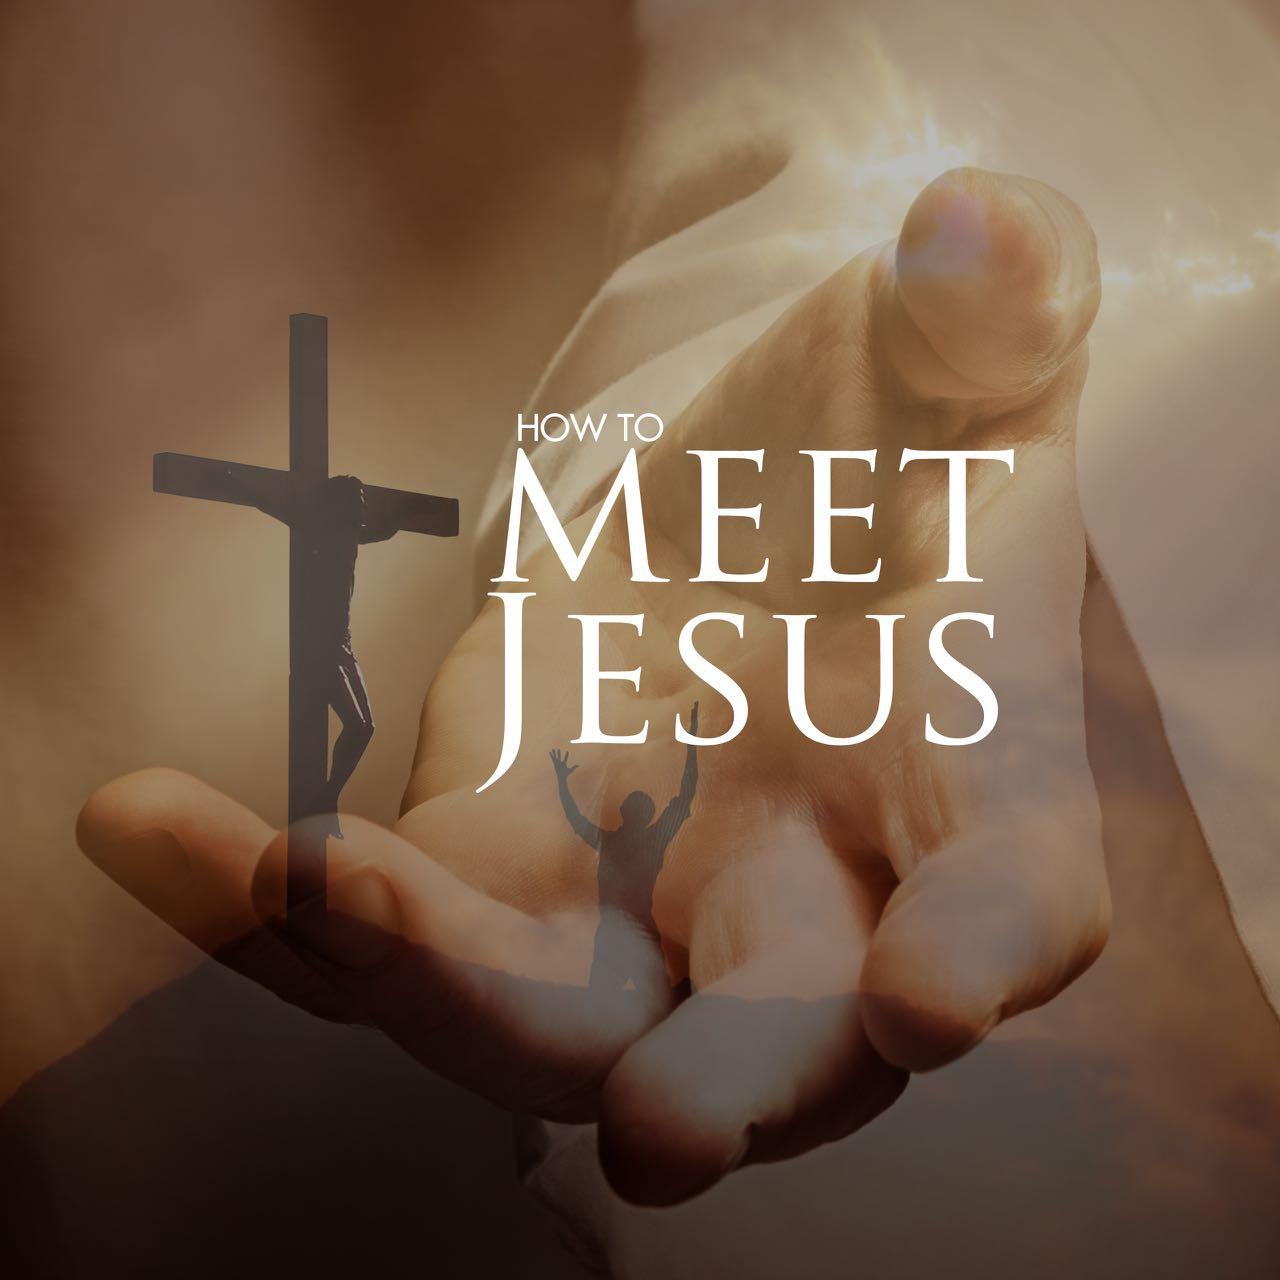 How to Meet Jesus